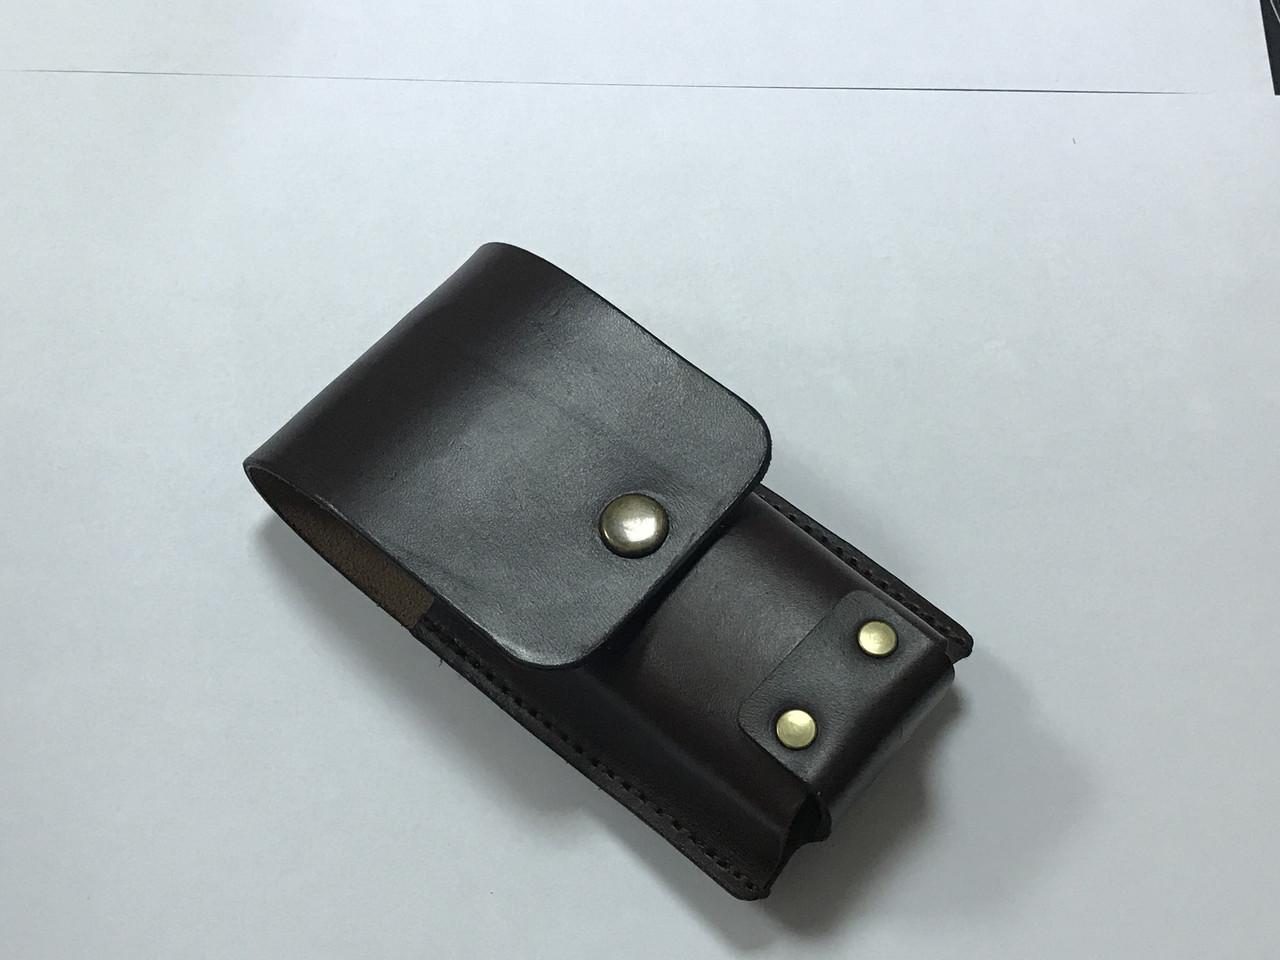 Чехол Hand Made, итальянская кожа, (13,5х4,5 см)